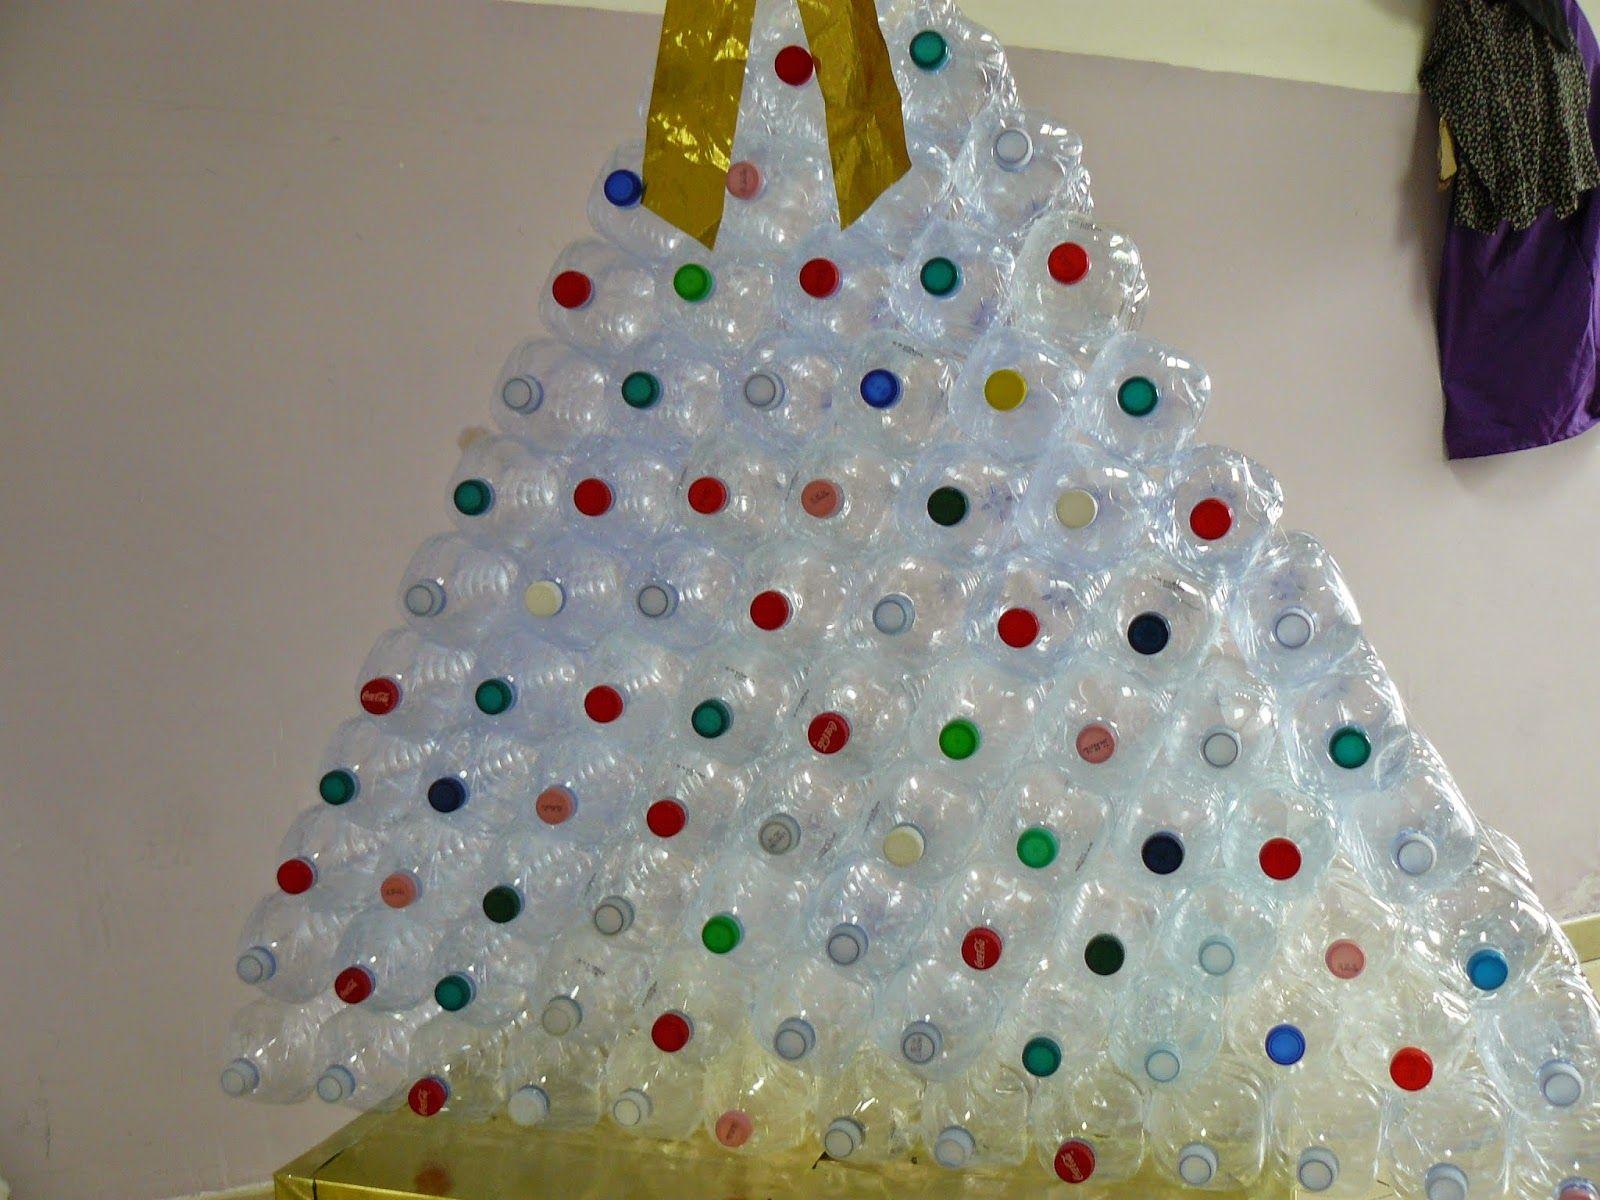 Accoglienza scuola infanzia addobbi mc77 regardsdefemmes - Addobbi natalizi per finestre scuola infanzia ...